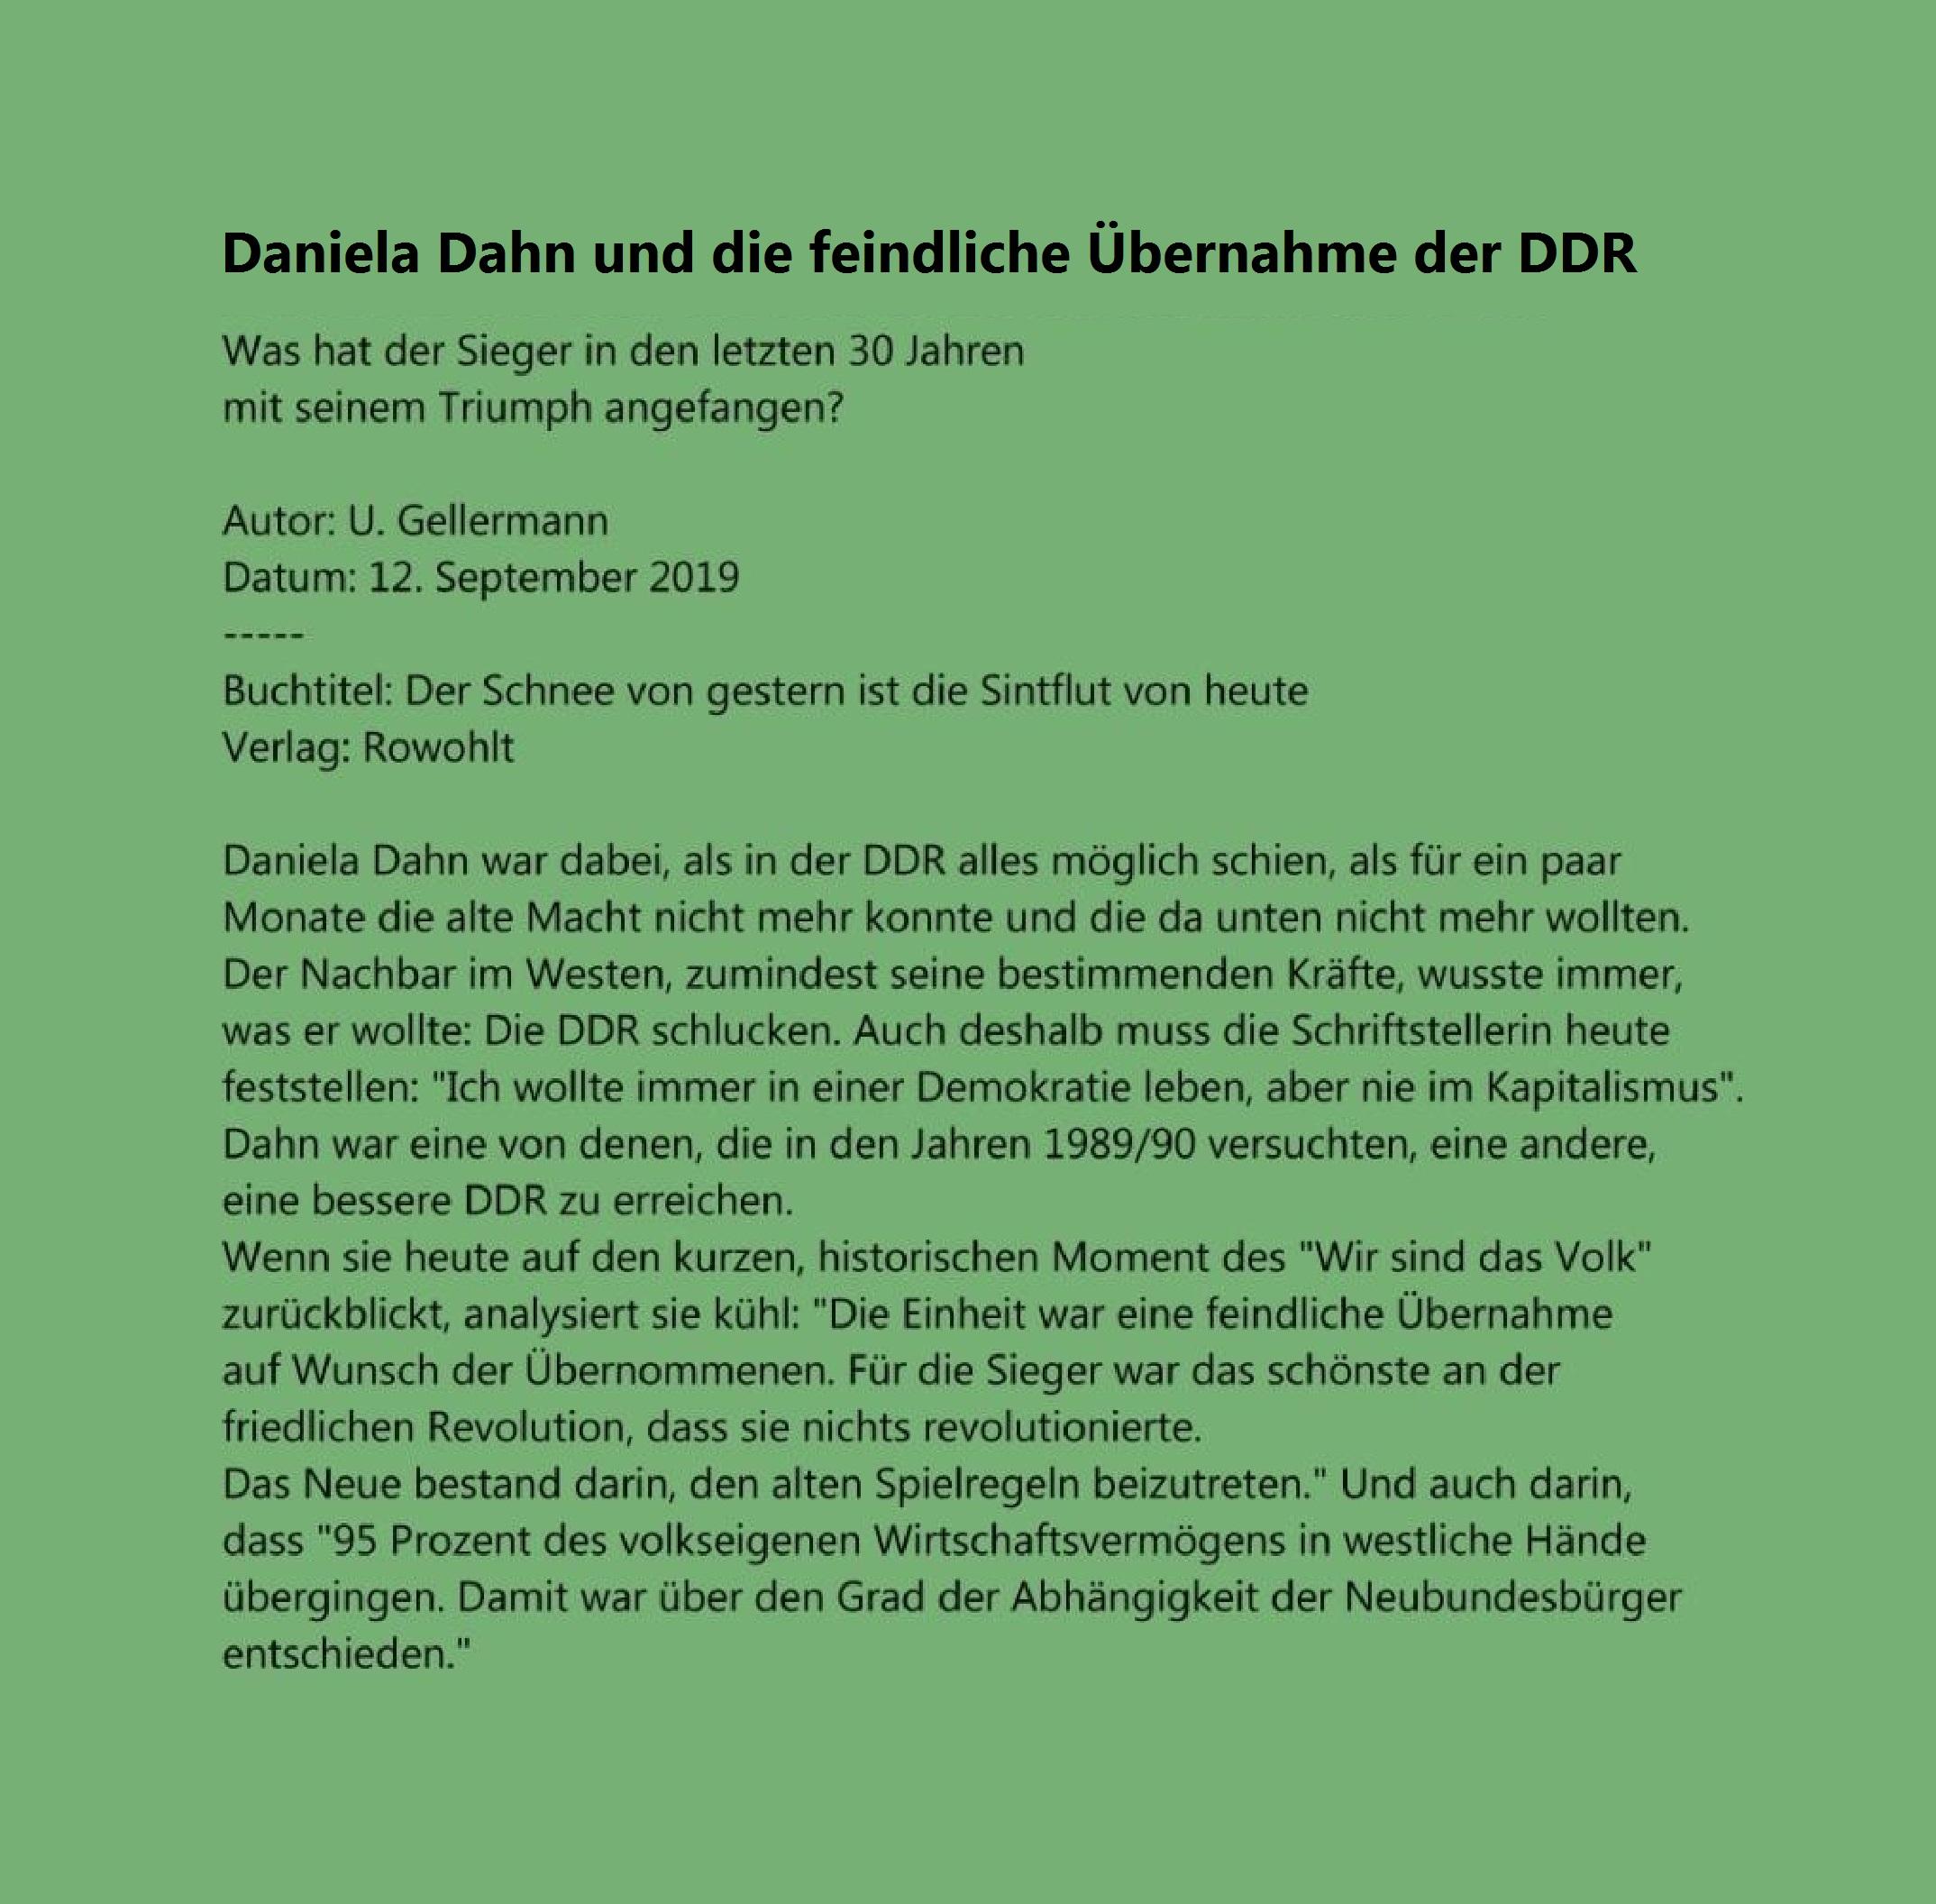 Aus dem Posteingang von Rationalgalerie.de - Daniela Dahn und die feindliche Übernahme der DDR - Was hat der Sieger in den letzten 30 Jahren mit seinem Triumph angefangen?